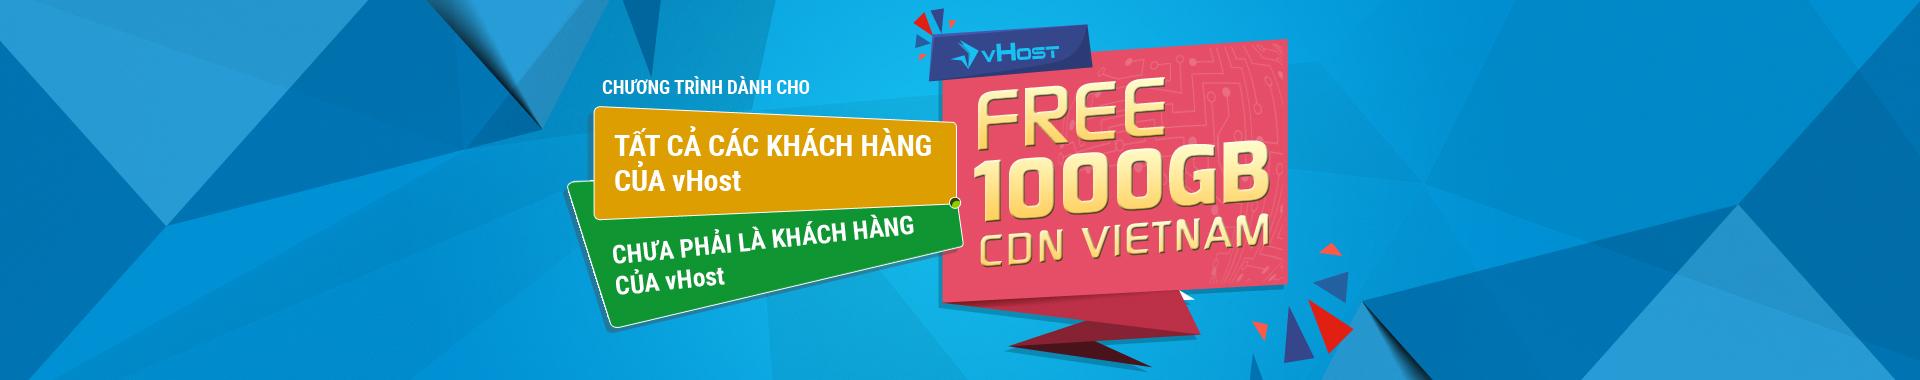 website_banner_cdn_vietnam-1